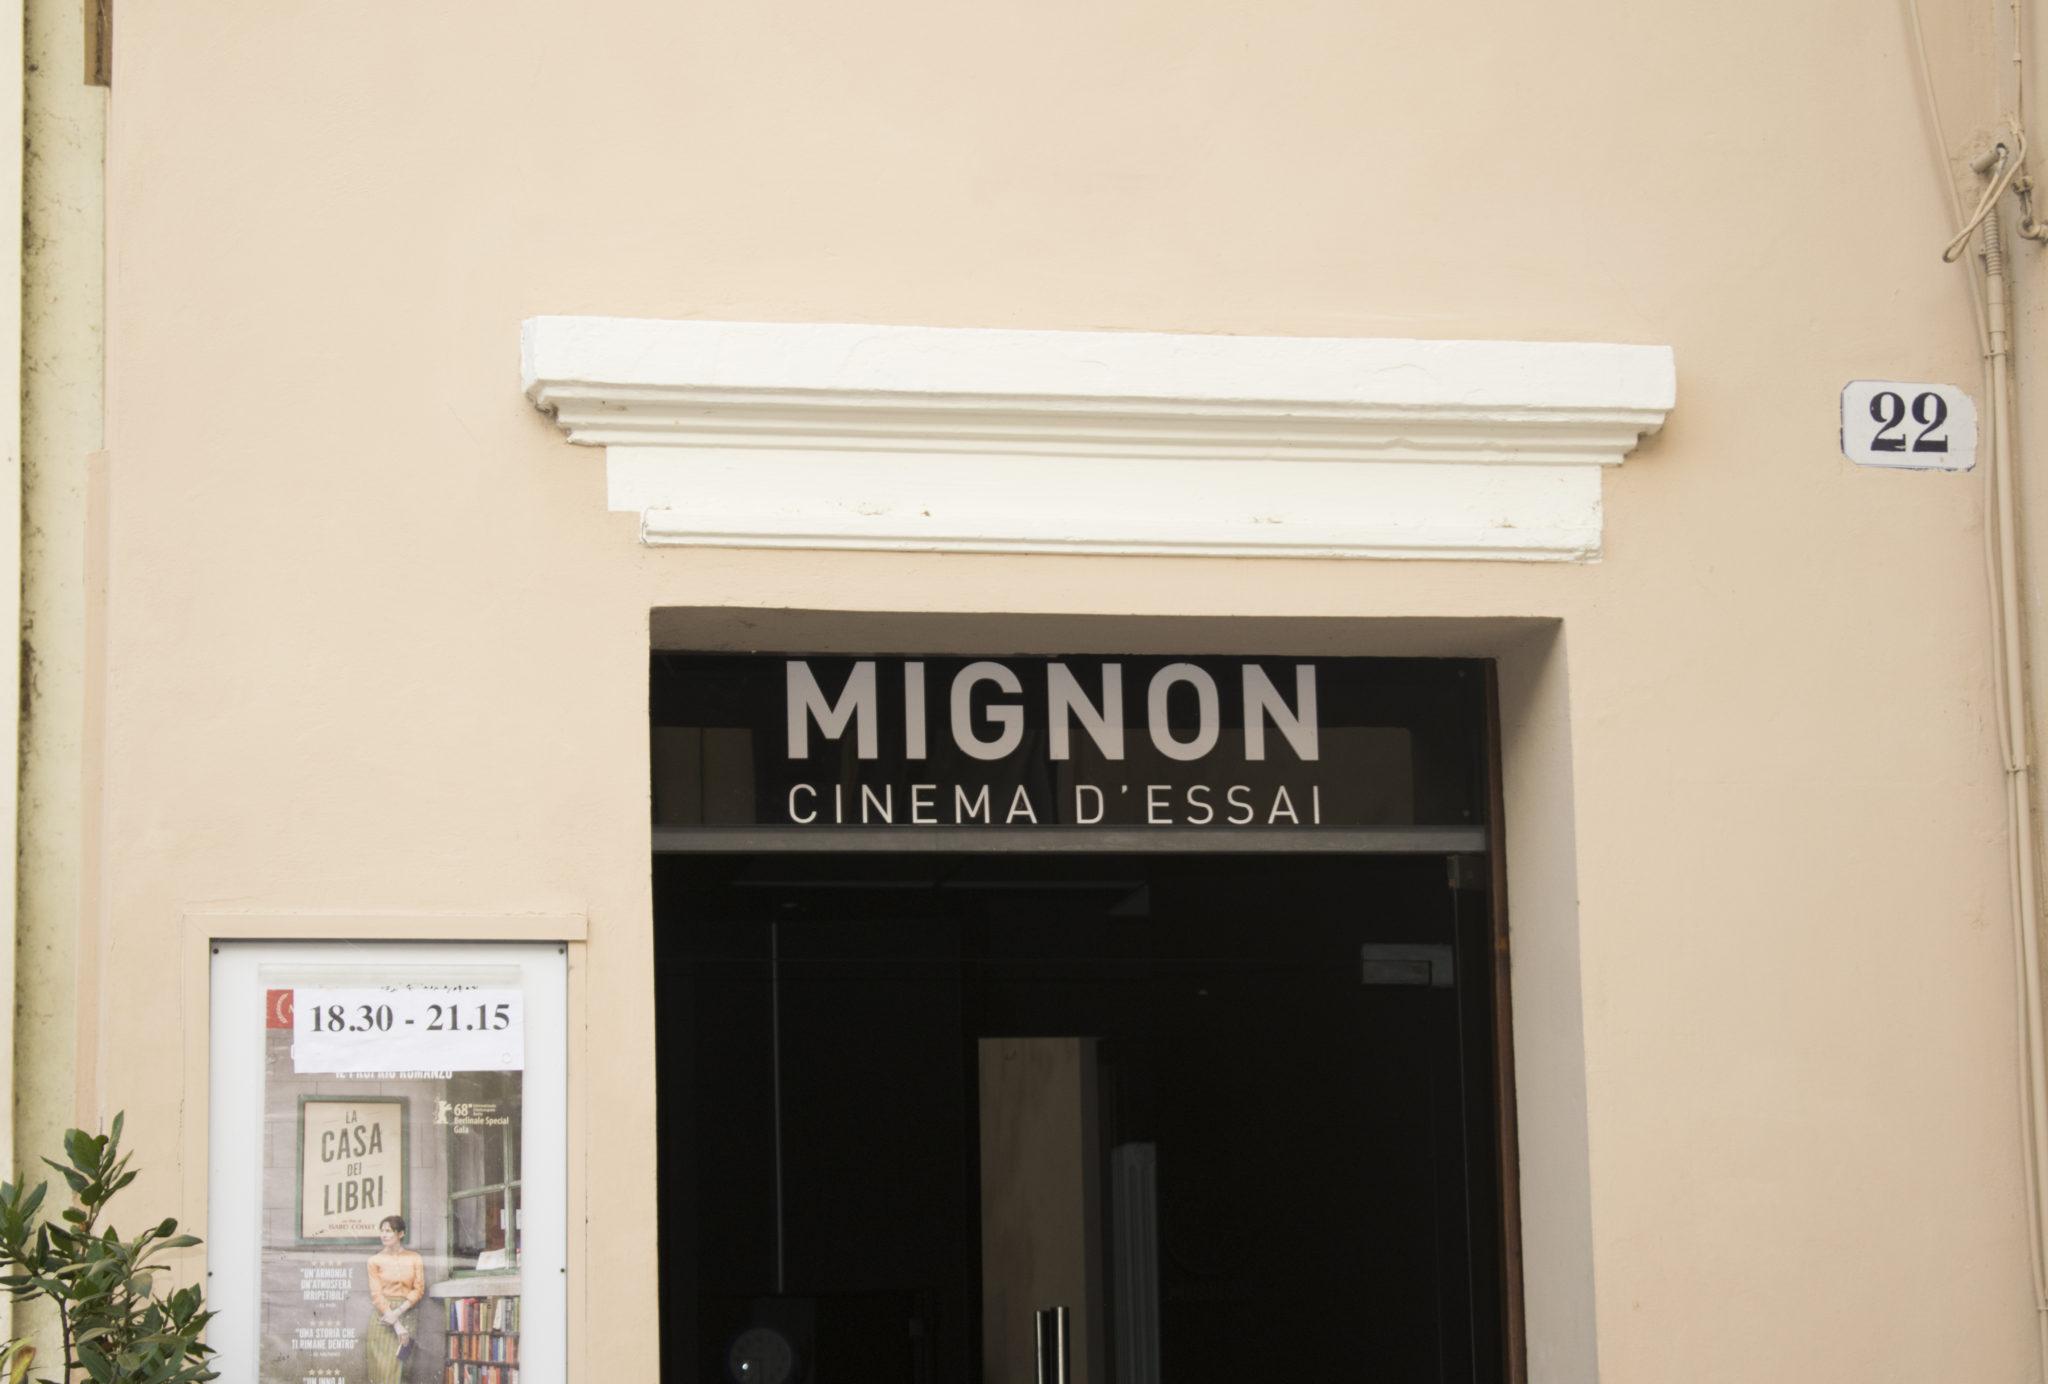 Nel 1976 alcuni studenti aprono un cinema di cui sono i primi spettatori: pellicole diverse dal solito. Oggi il Cinema Mignon è aperto a tutti